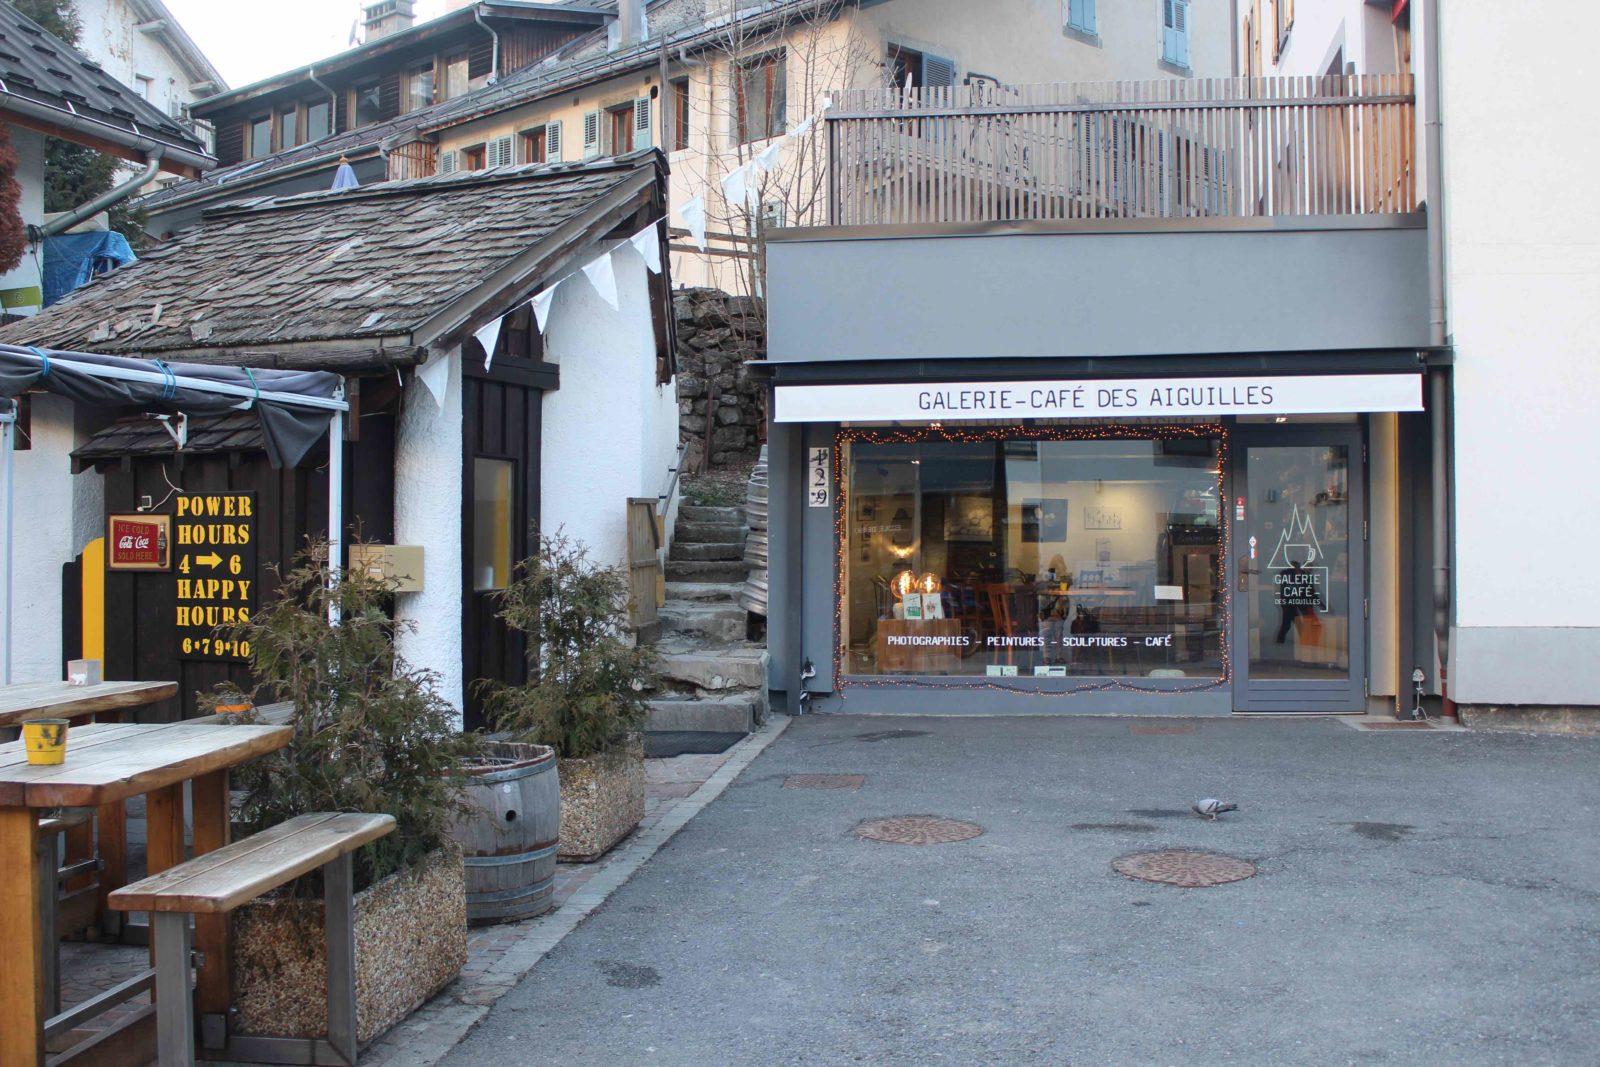 Chamonix galerie café des aiguilles